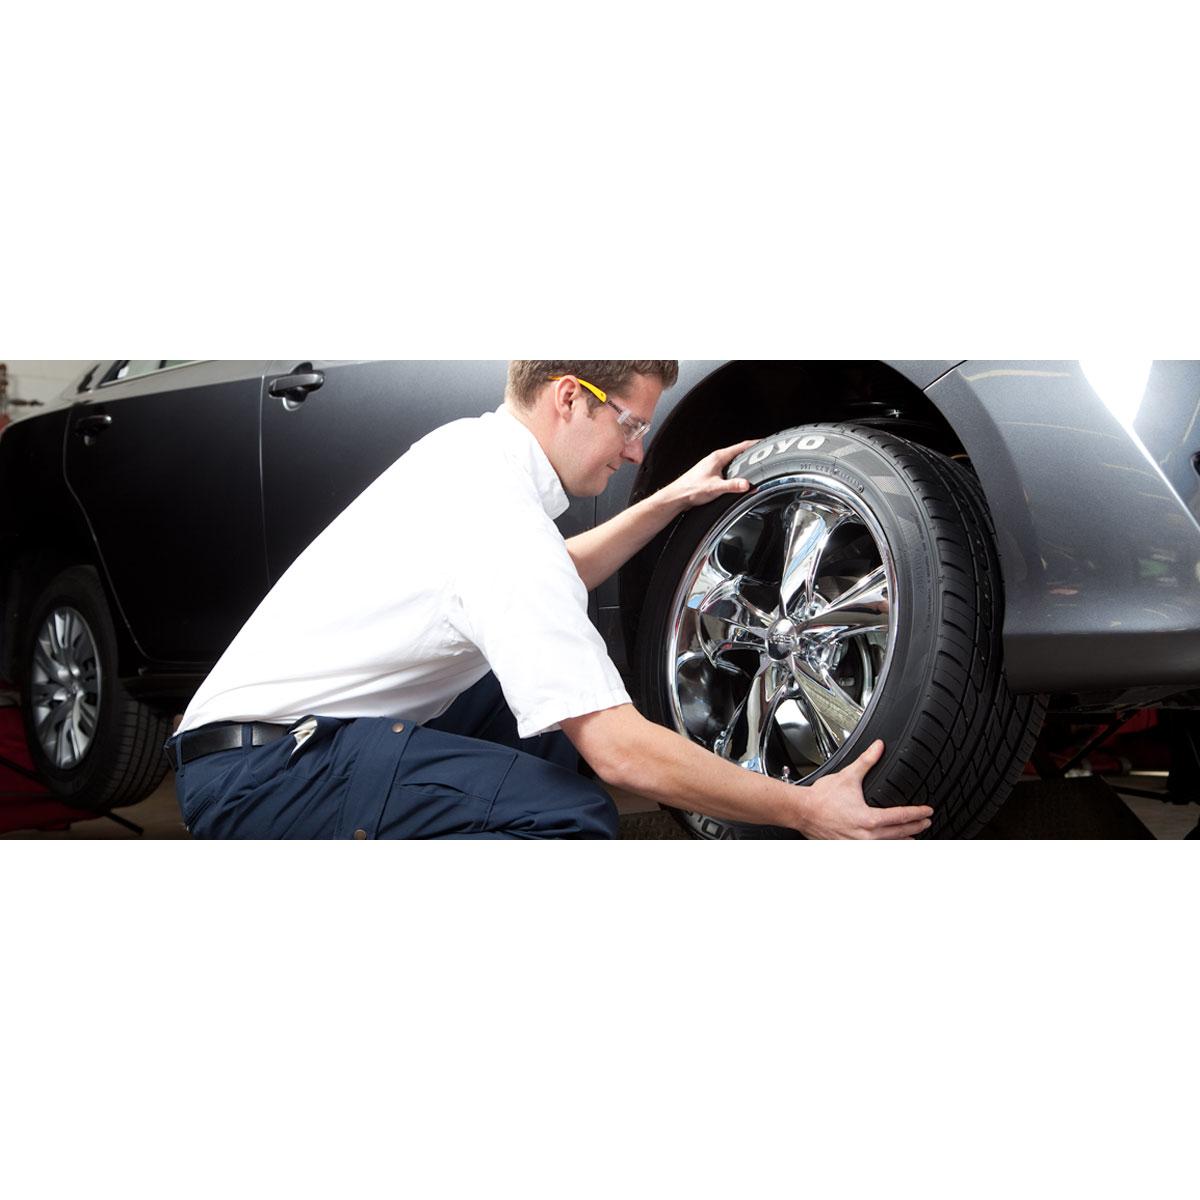 Doc motor works auto repair car repair shorewood il for Doc motor works auto repair